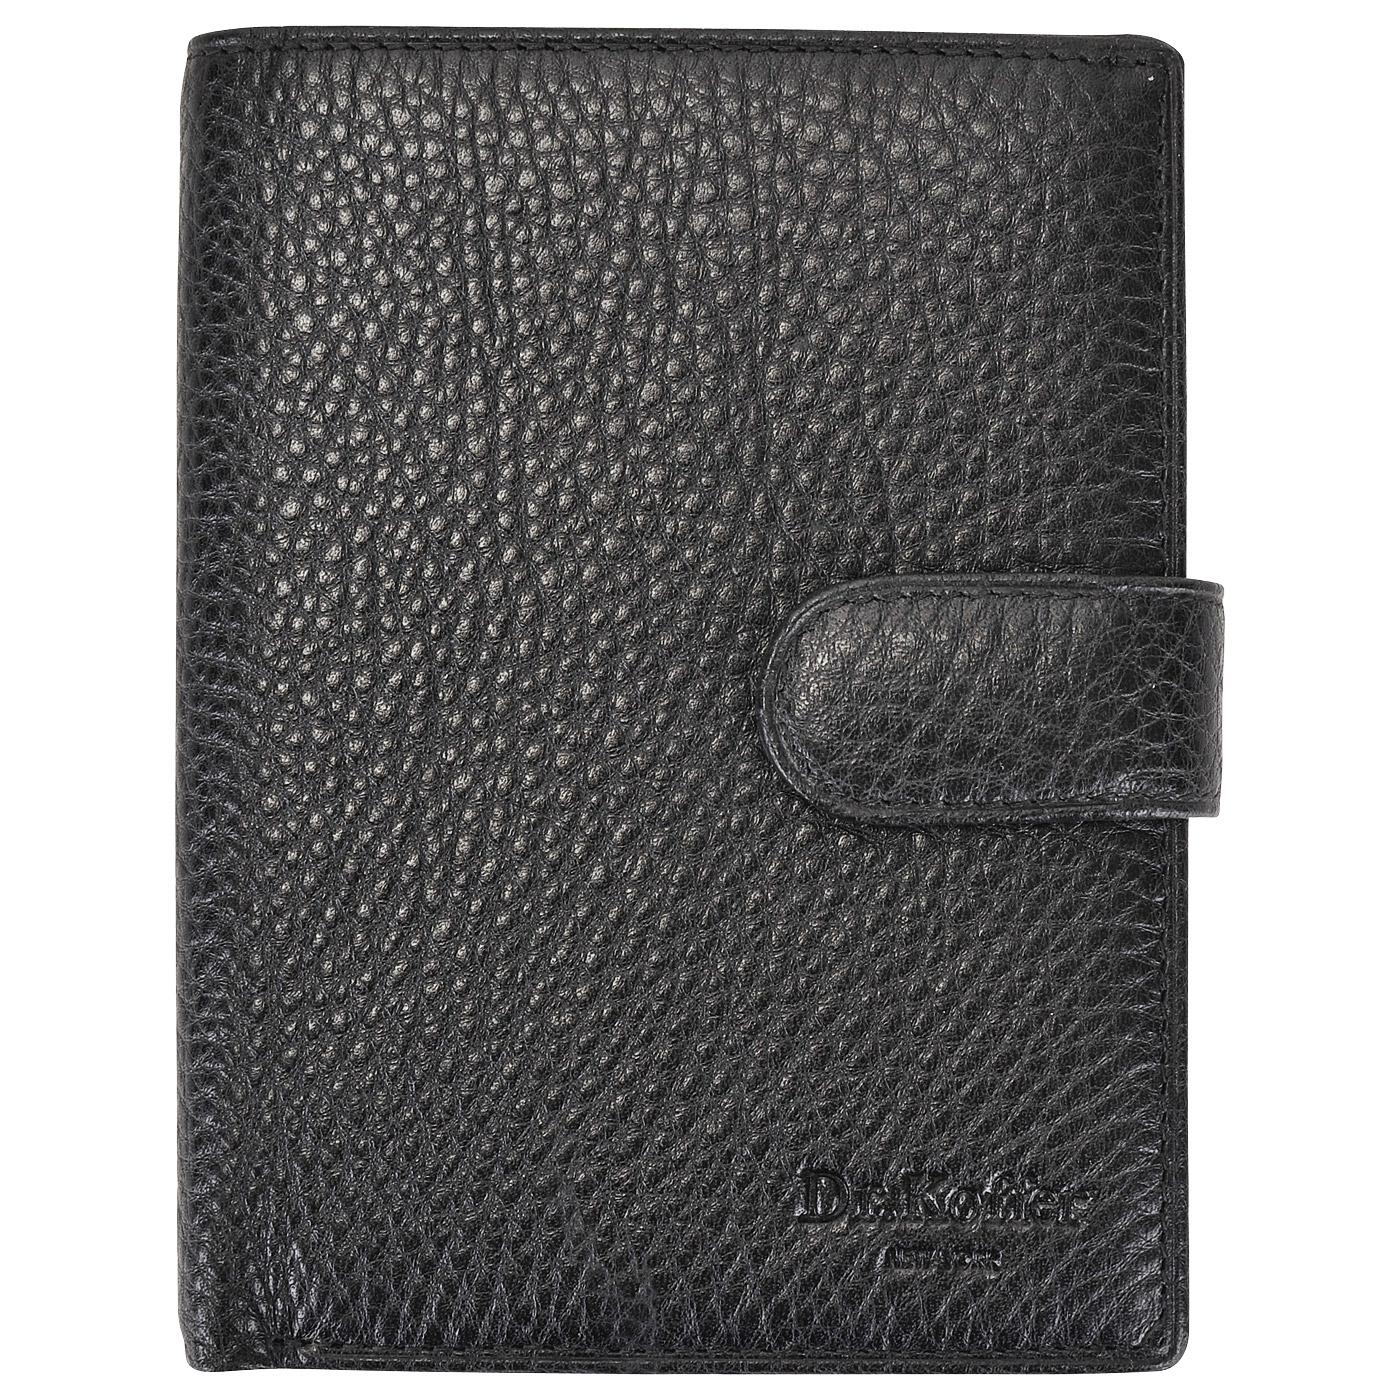 Обложка для паспорта и автодокументов Dr, Koffer X510137-02-04